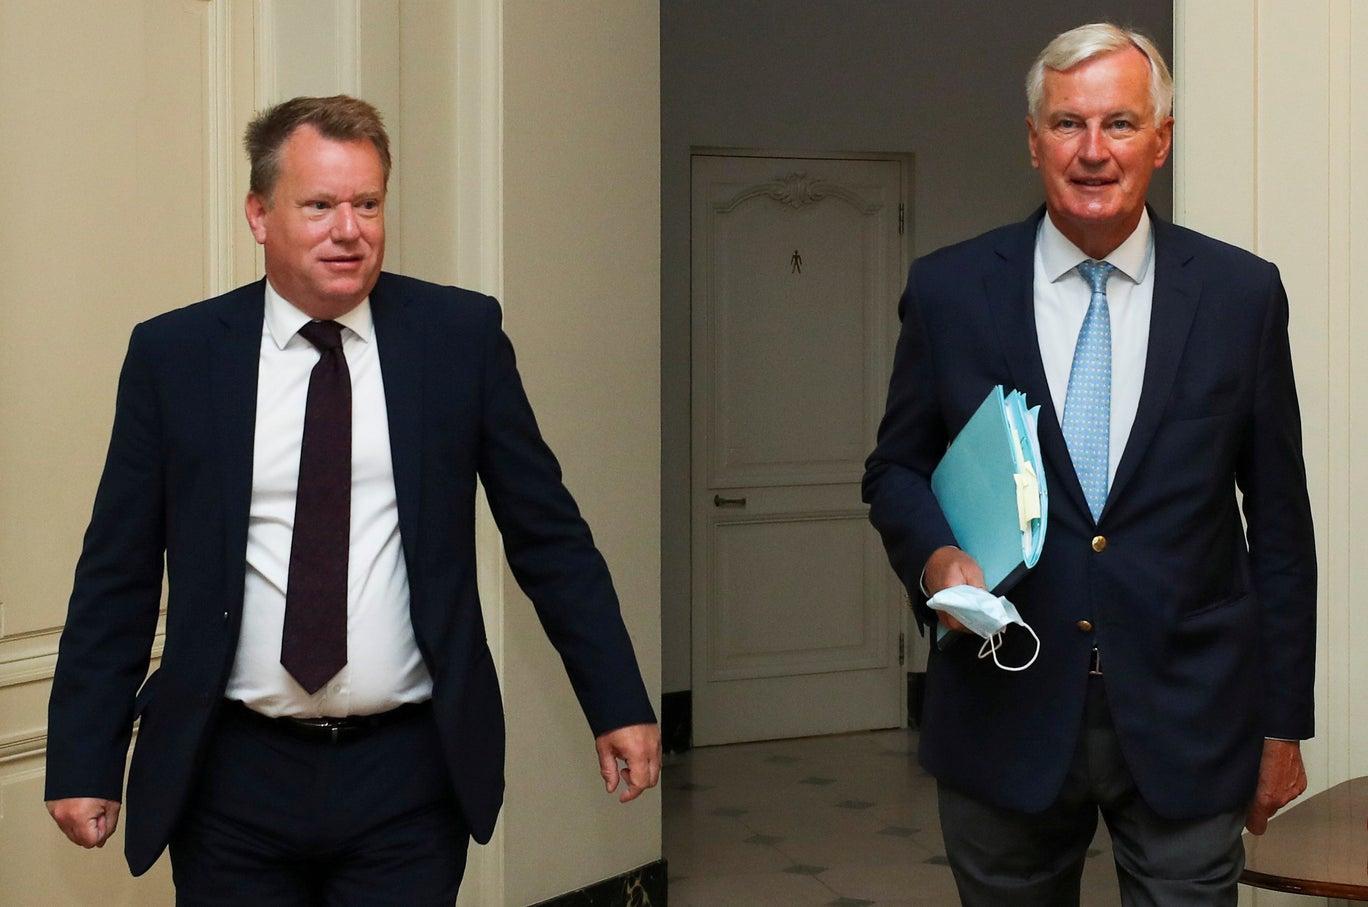 المفاوض باسم مكتب رئيس الوزراء ديفيد فروست (يسار الصورة) ونظيره الأوروبي ميشال بارنييه في أغسطس 2020